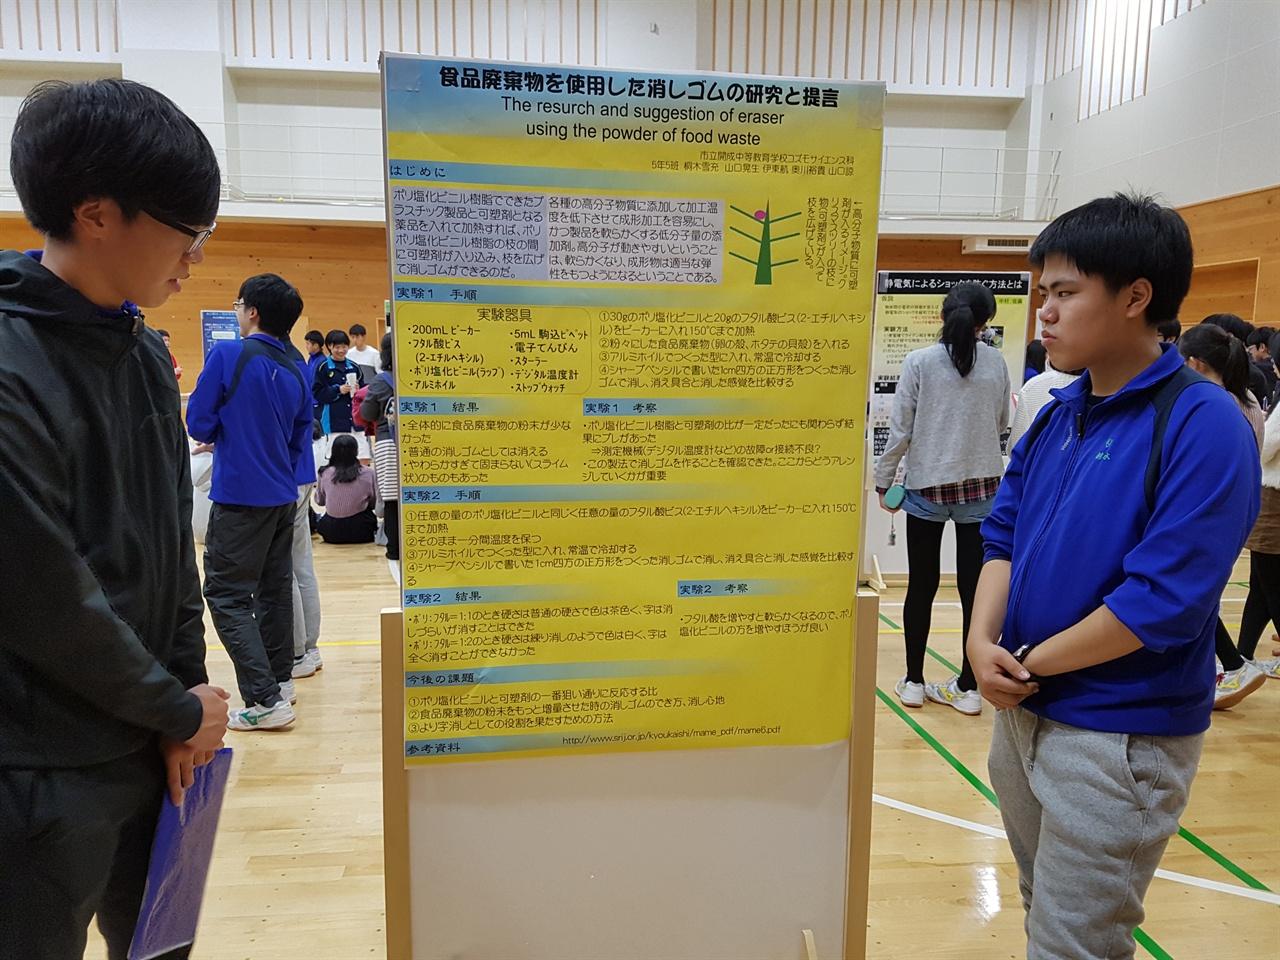 소논문 발표 가이세이 중등교육학교 학생들이 소논문을 발표하고 있다.